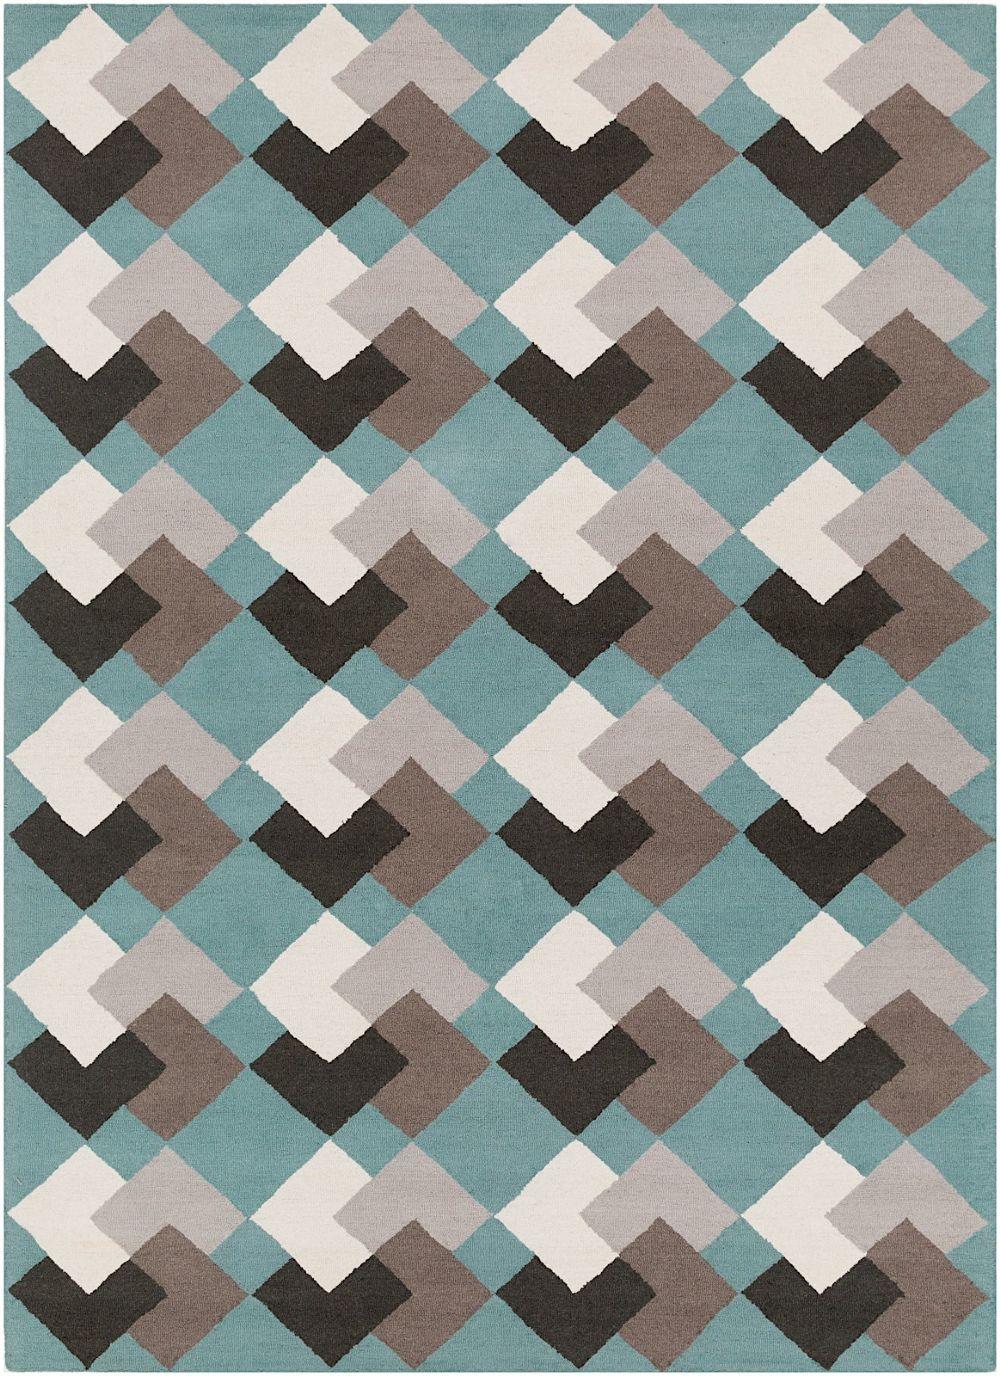 surya hilda contemporary area rug collection